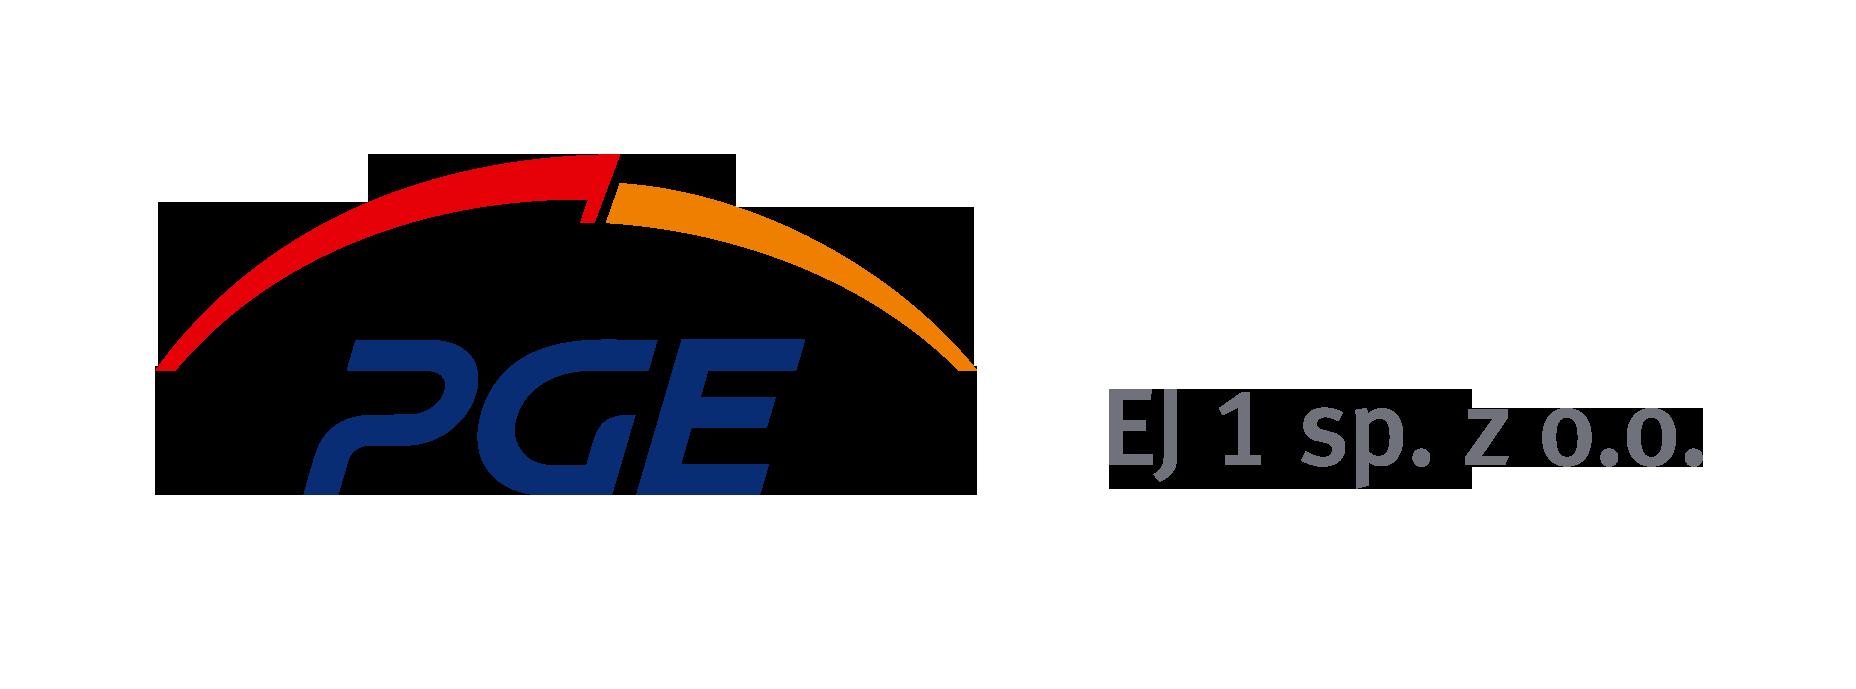 logo PGE EJ 1 sp zoo poziom RGB-2